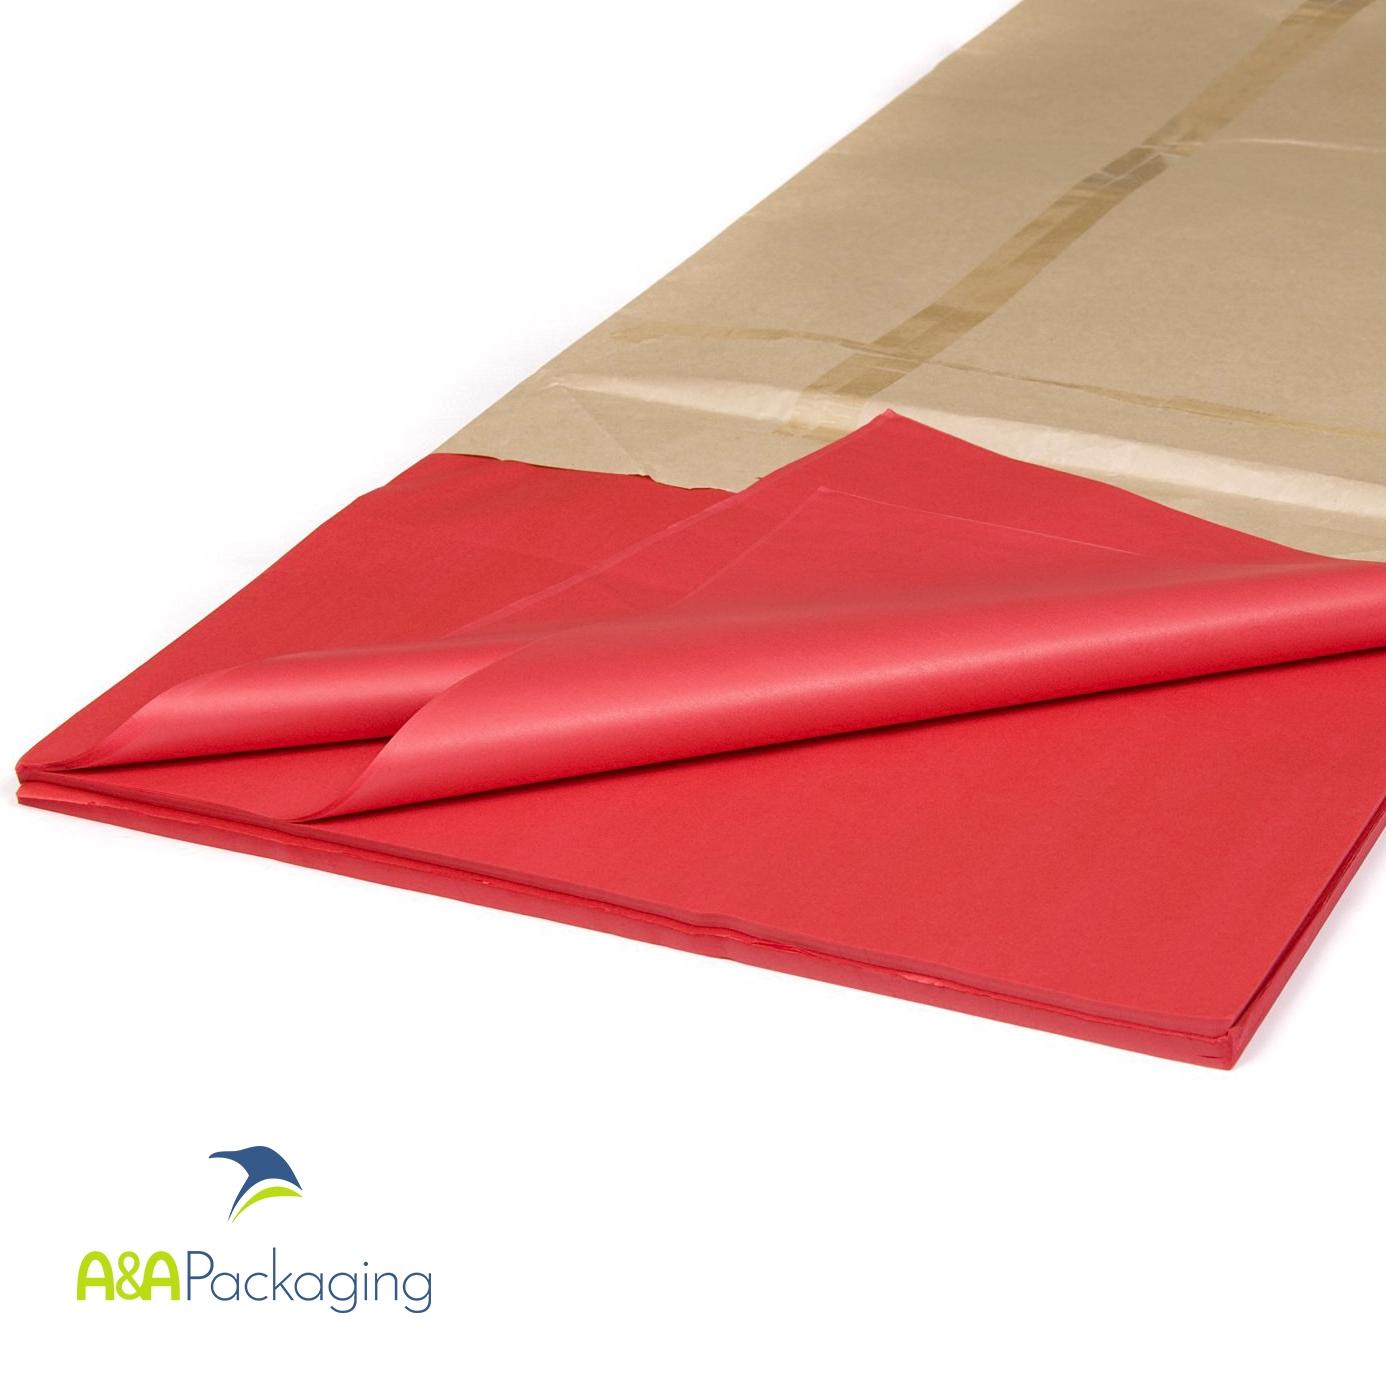 Red Acid Free Cap Tissue Paper